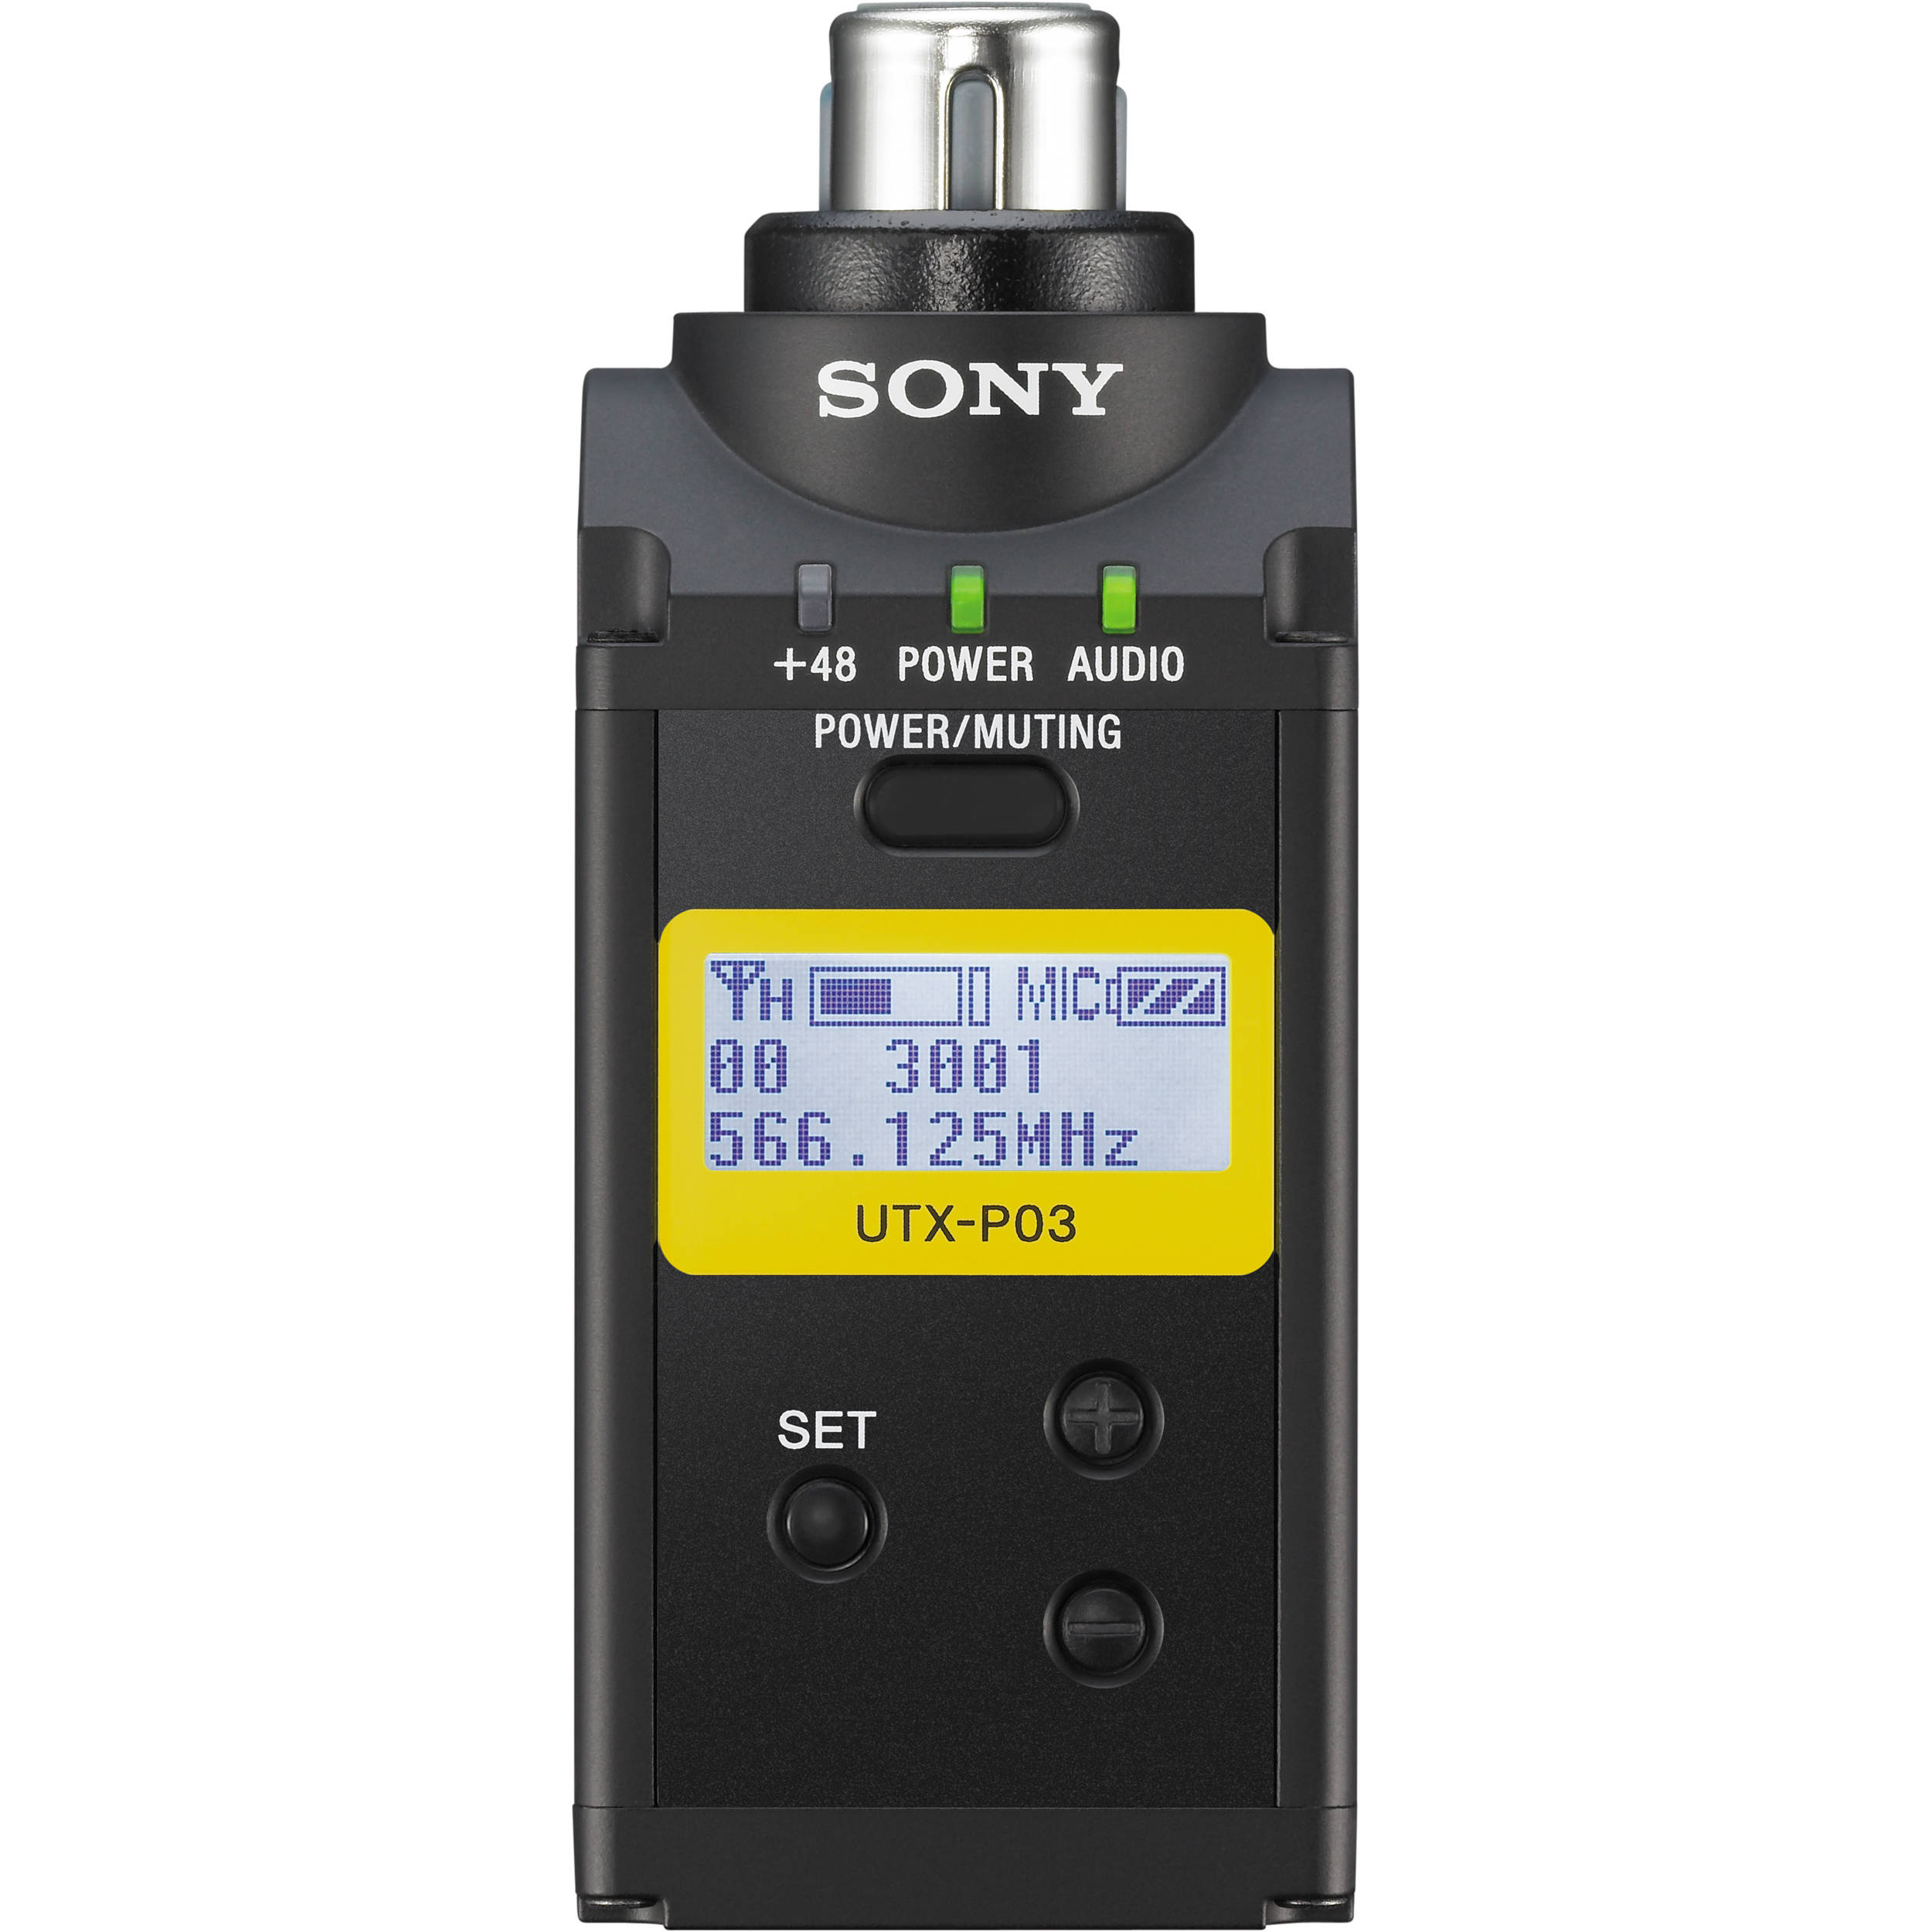 Sony UTX-P03 Hybrid Digital Wireless Plug-on Transmitter